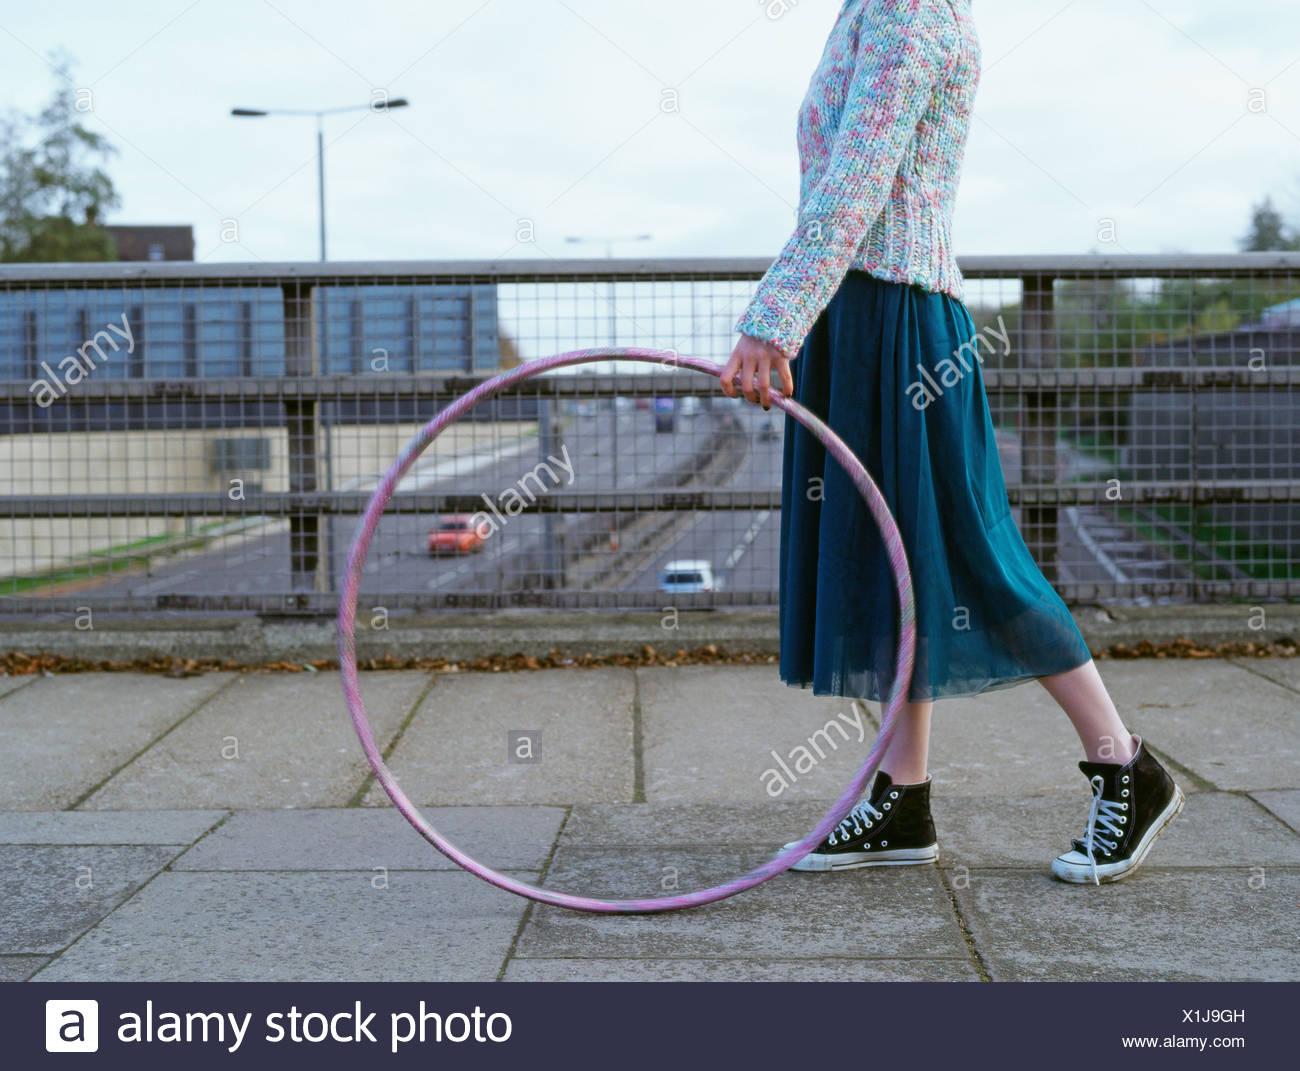 Woman with hula hoop on motorway bridge - Stock Image